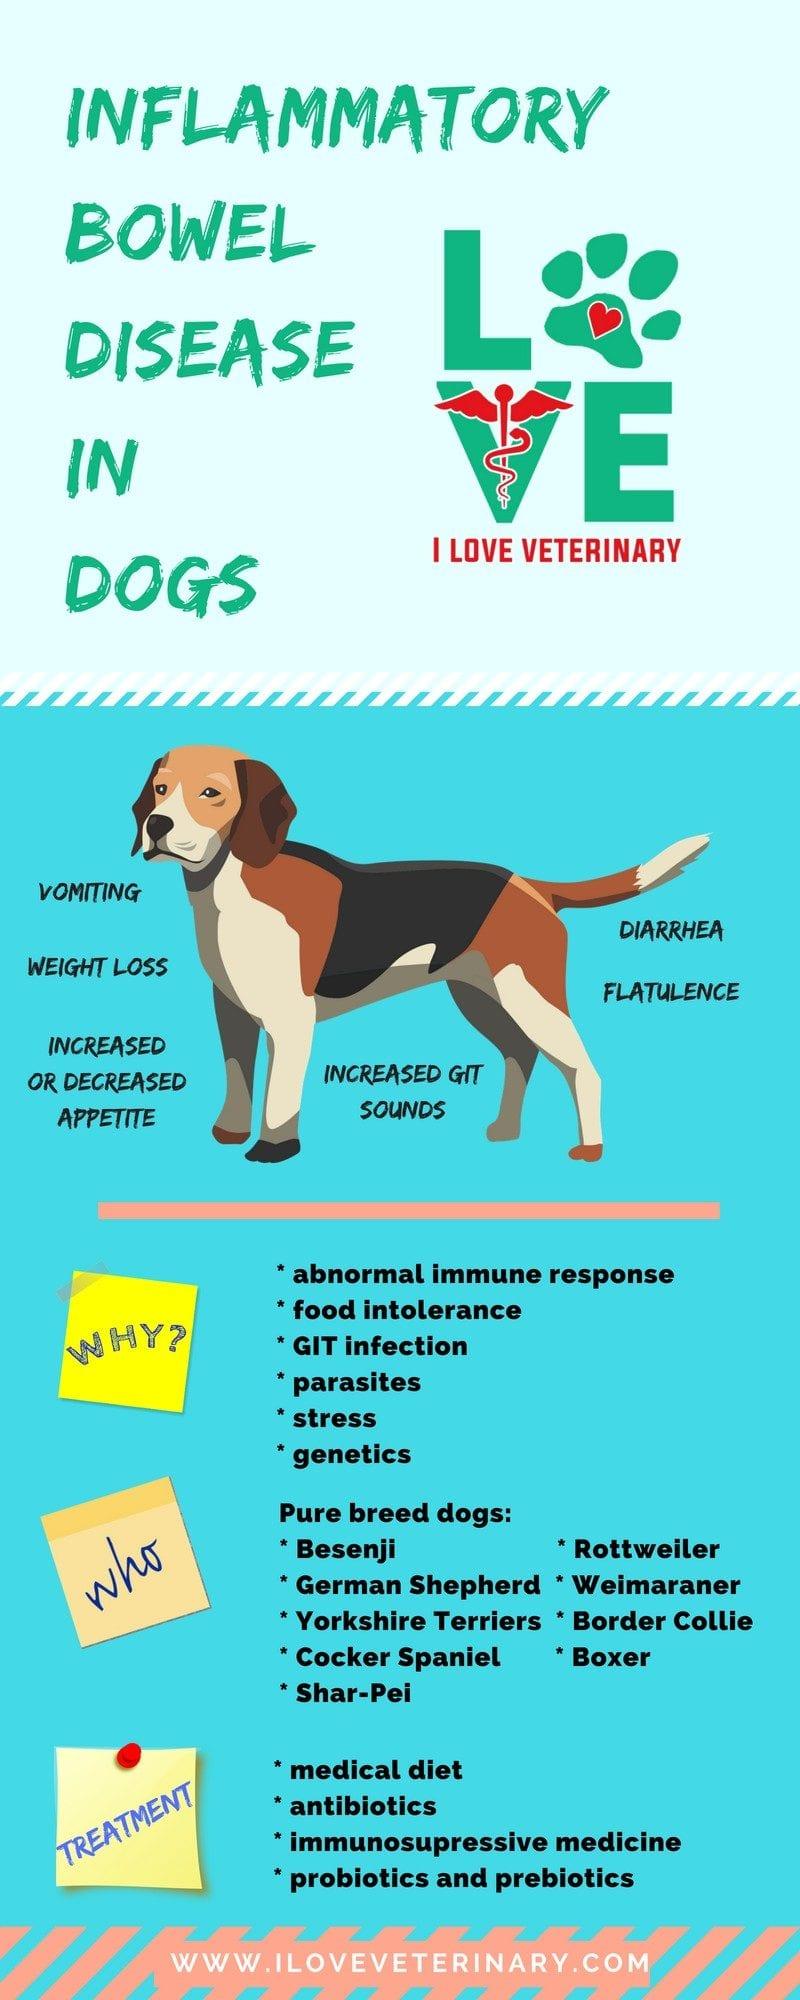 Business 1 I Love Veterinary - Blog for Veterinarians, Vet Techs, Students